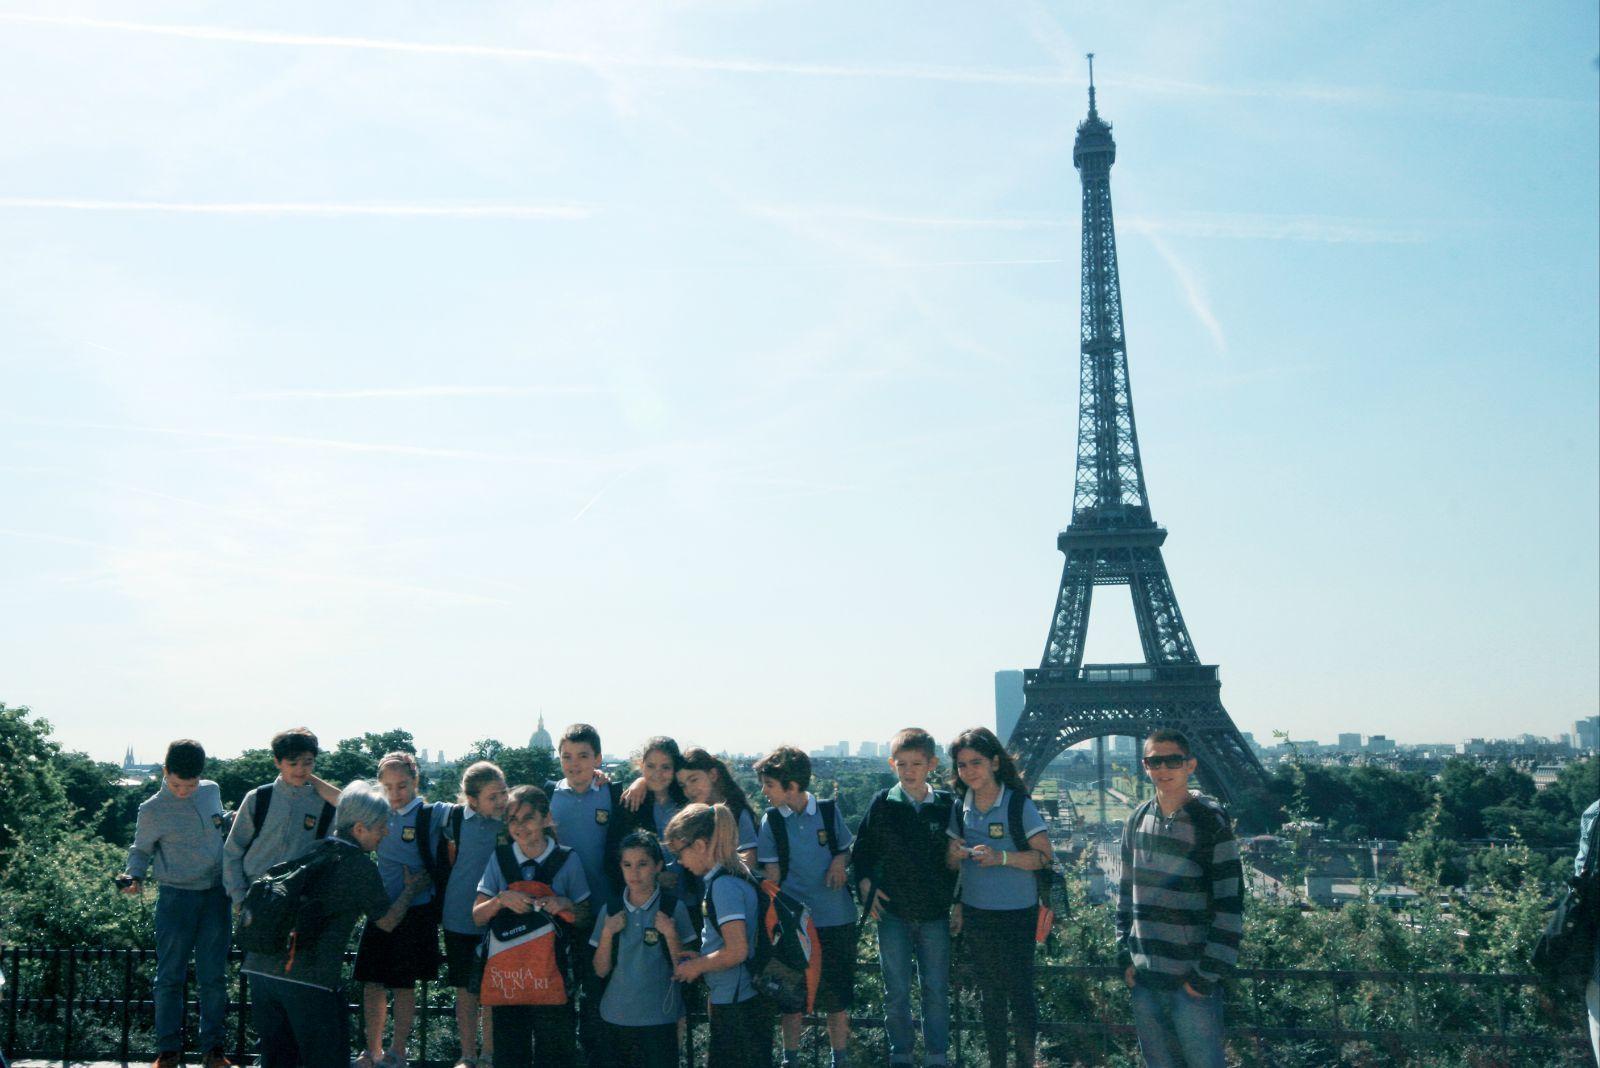 埃菲尔铁塔,今天决定近距离看看这个巴黎的浪漫地标